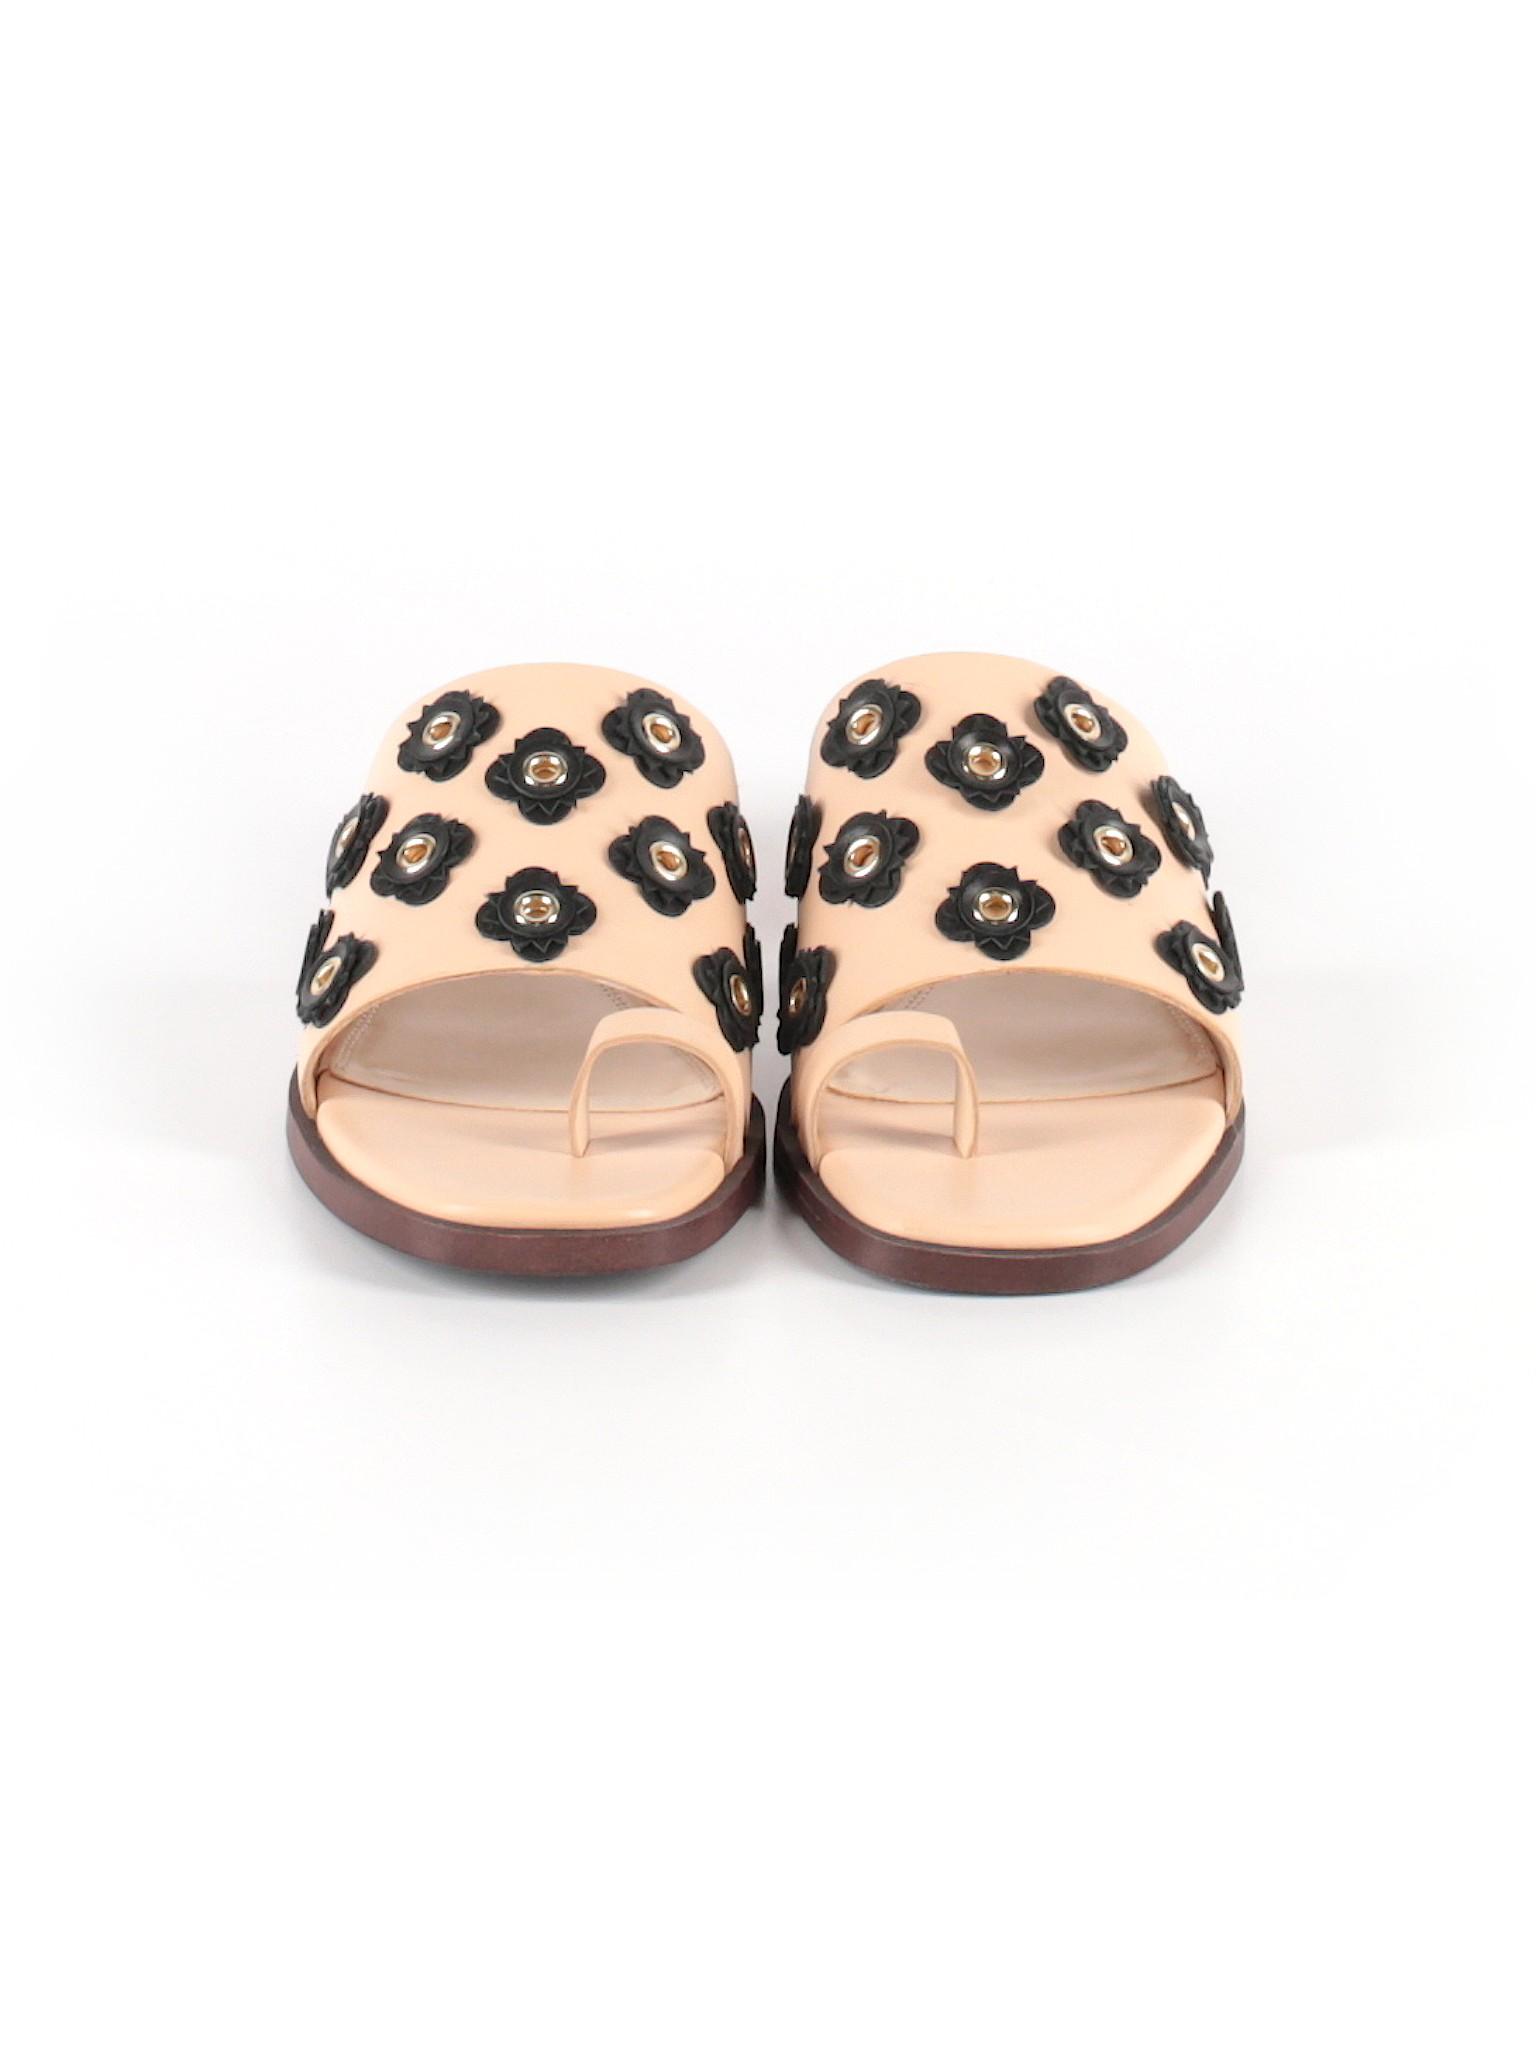 Boutique Boutique Cole promotion Sandals Haan Sandals promotion Haan Cole promotion promotion Boutique Sandals Haan Boutique Cole Cole qpnxwt67